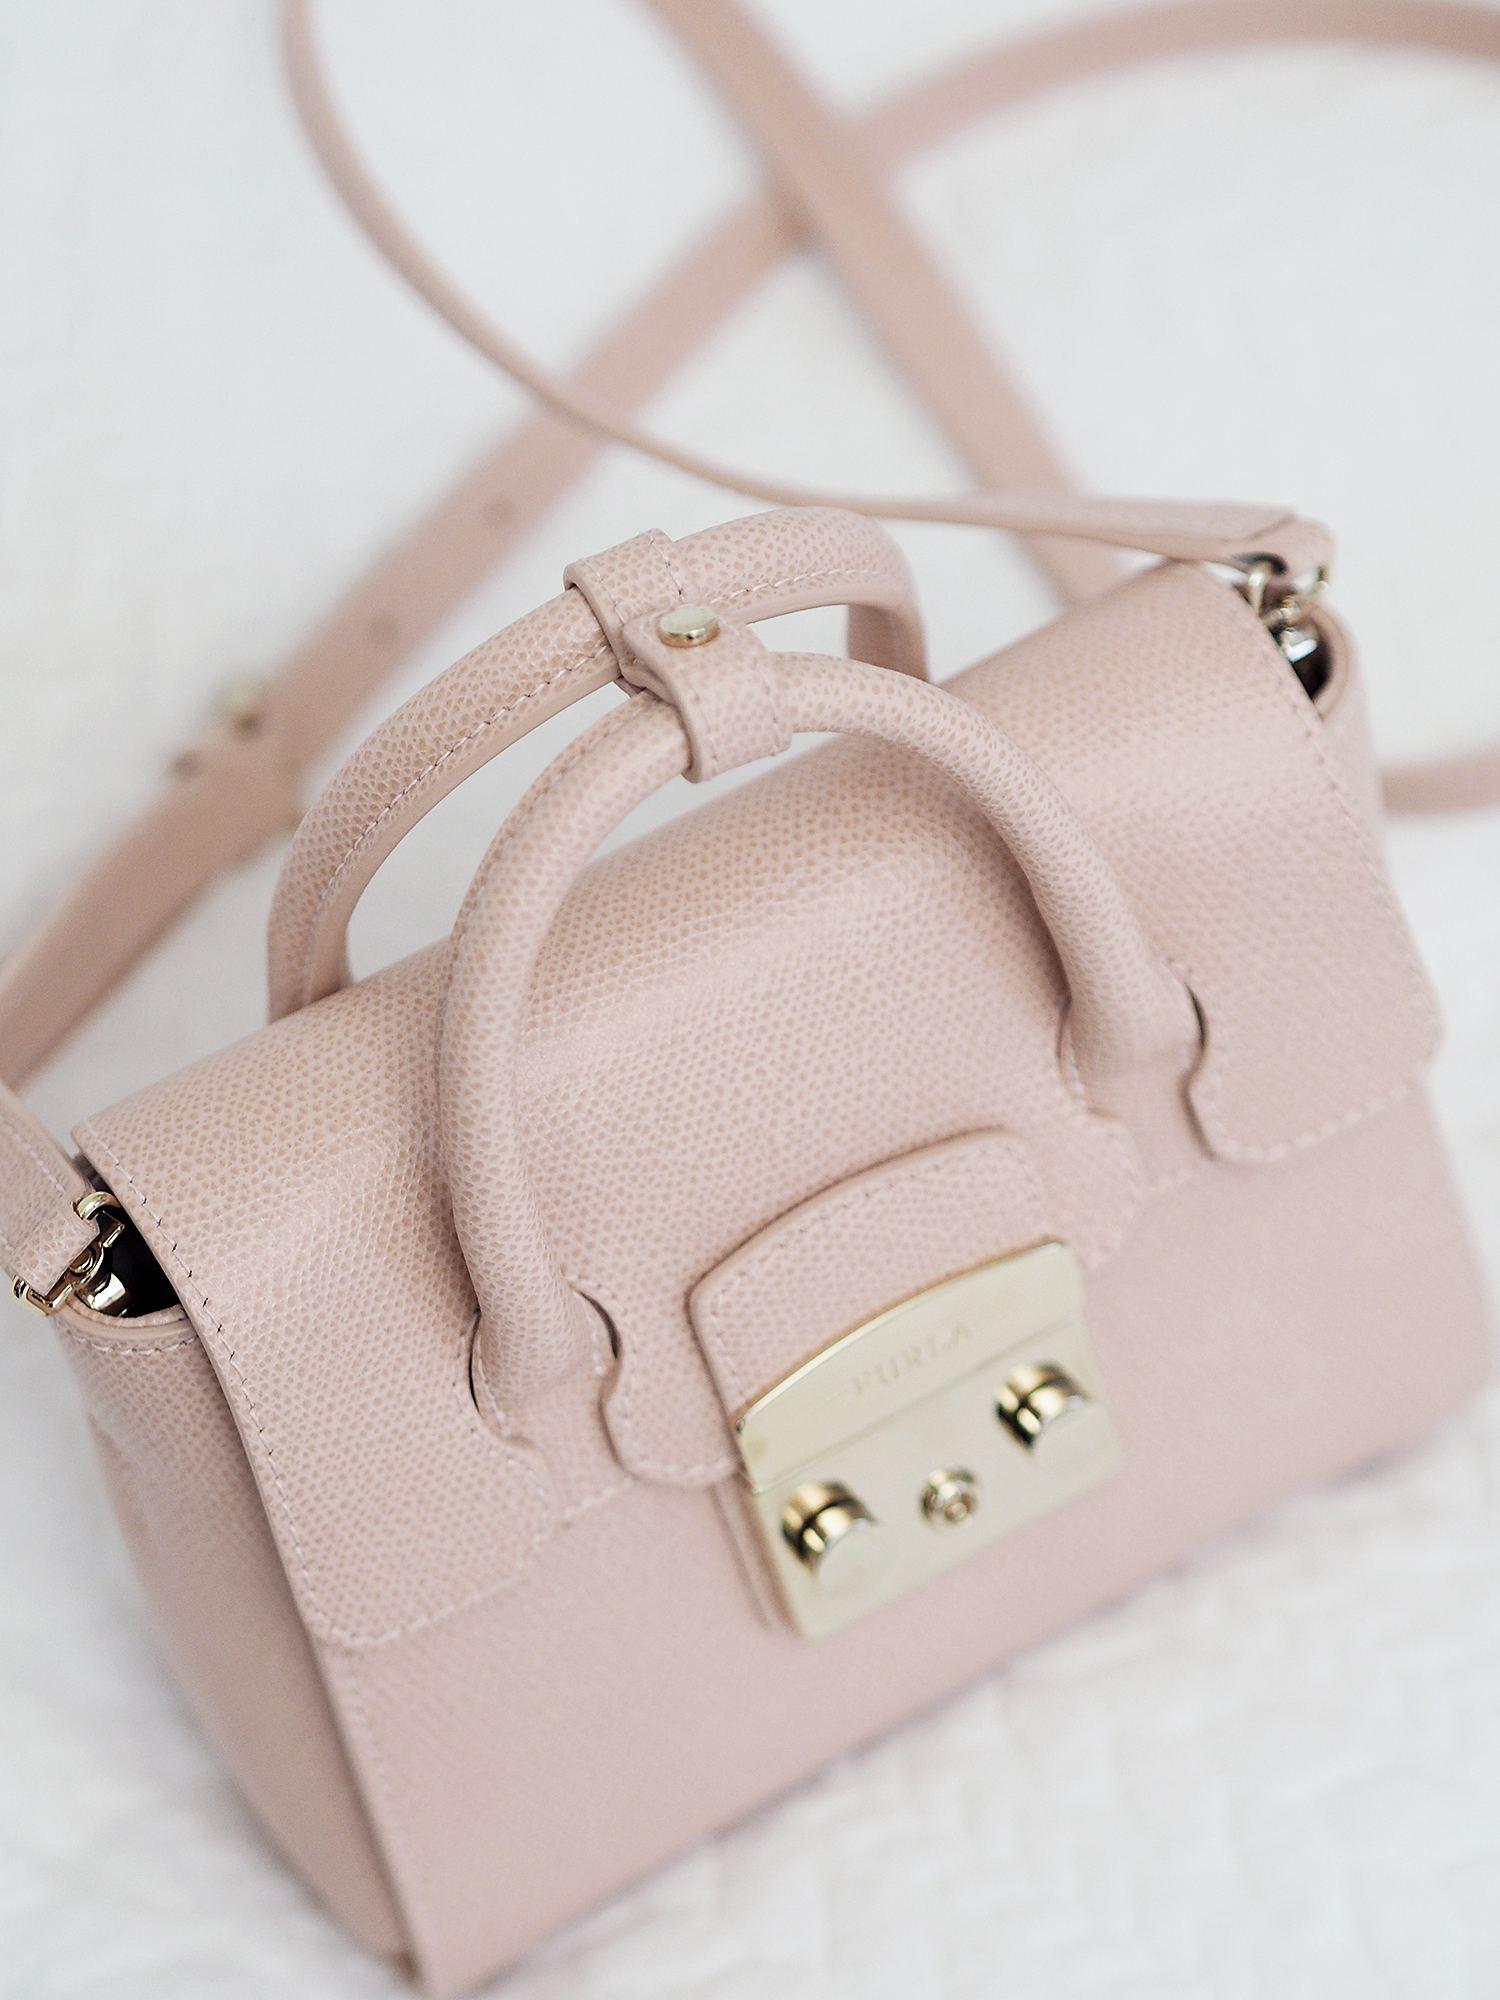 furla metropolitan tote bang in pale pink